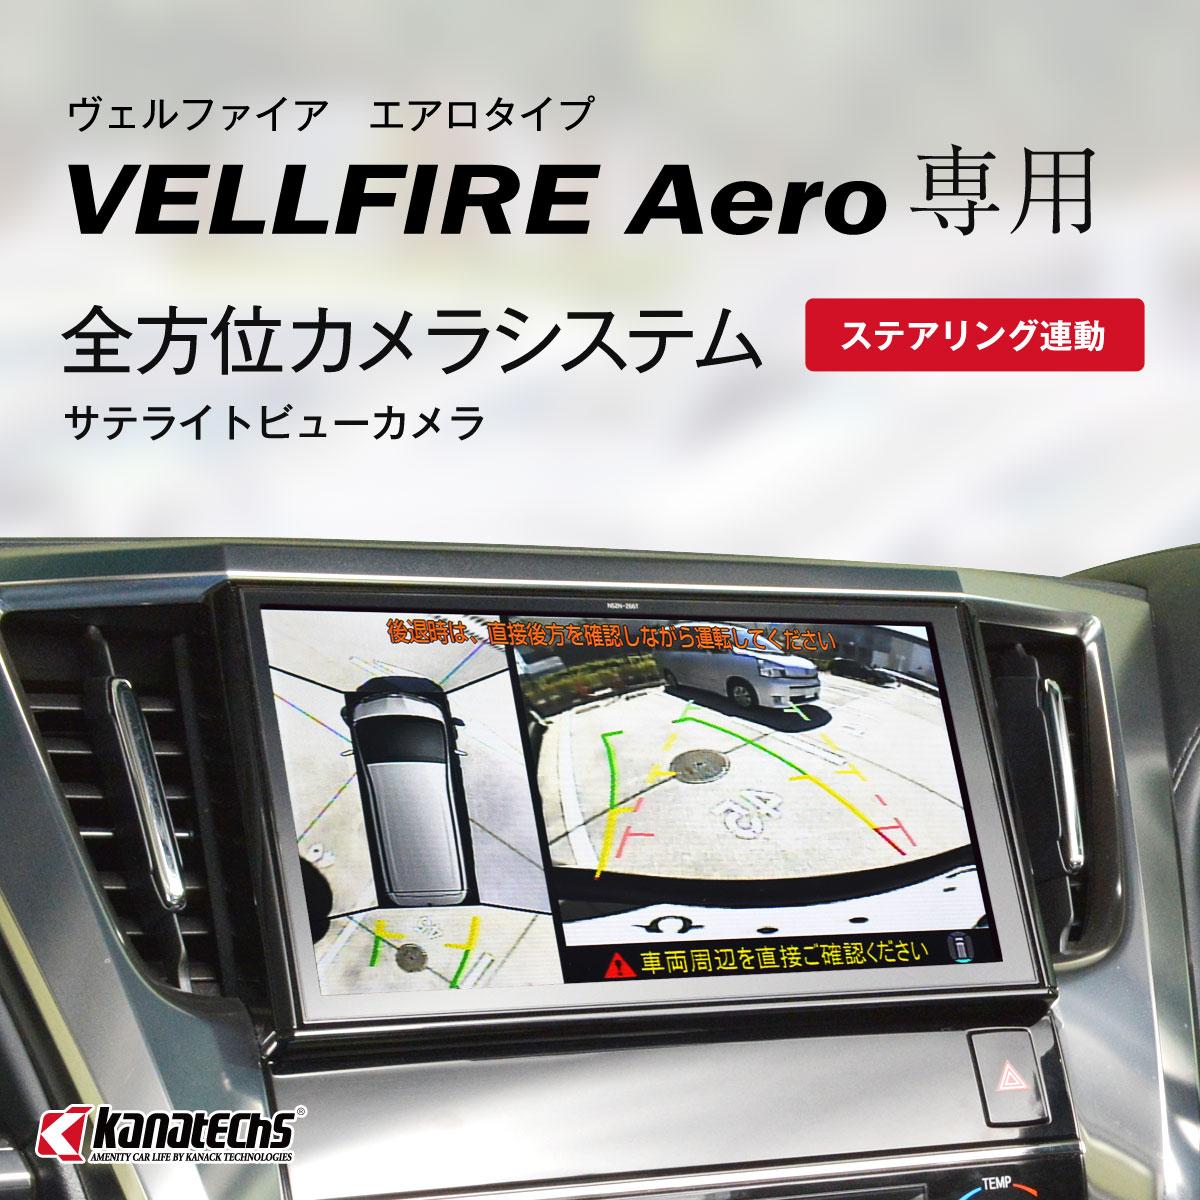 ヴェルファイア エアロタイプ専用(H30/1~R2/1)サテライトビューカメラ<ステアリング連動対応>(取付工賃込み)SV-Y008